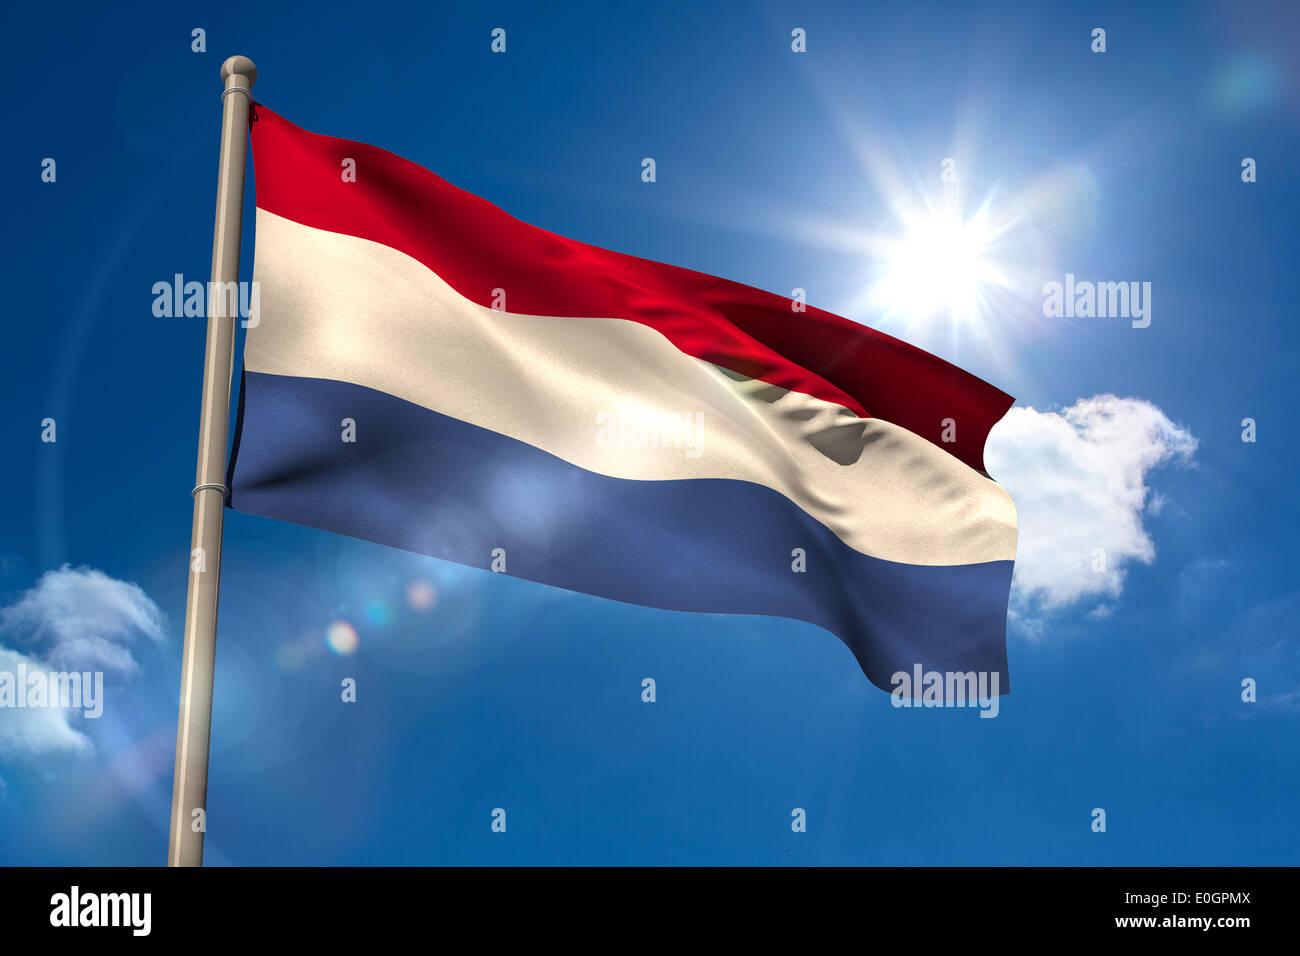 Netherlands national flag on flagpole - Stock Image